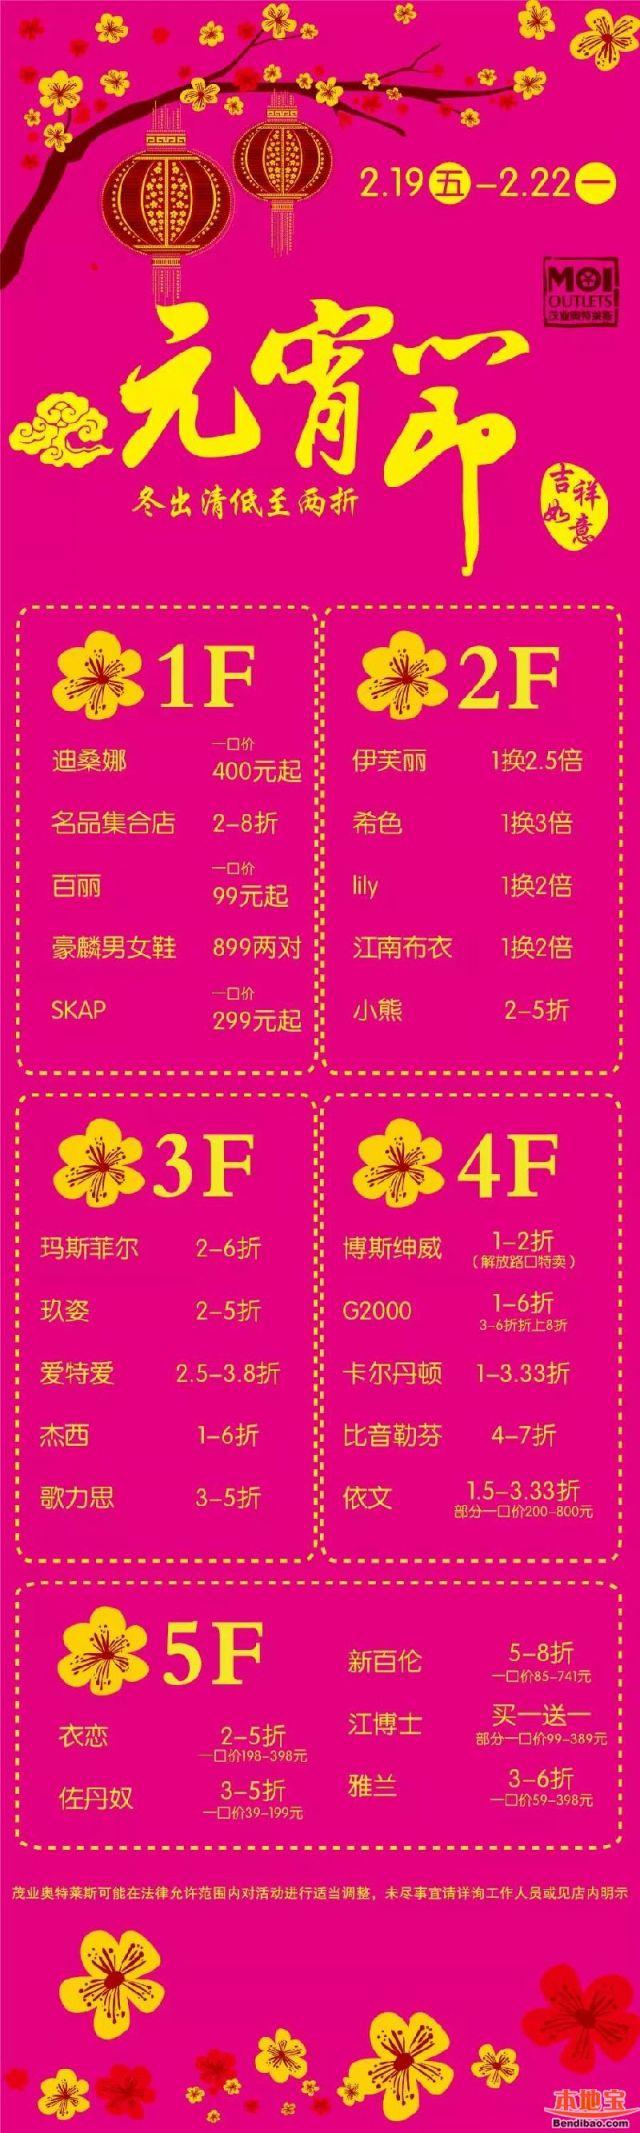 茂业奥莱元宵节冬出清低至两折陪您闹元宵(至02.22)